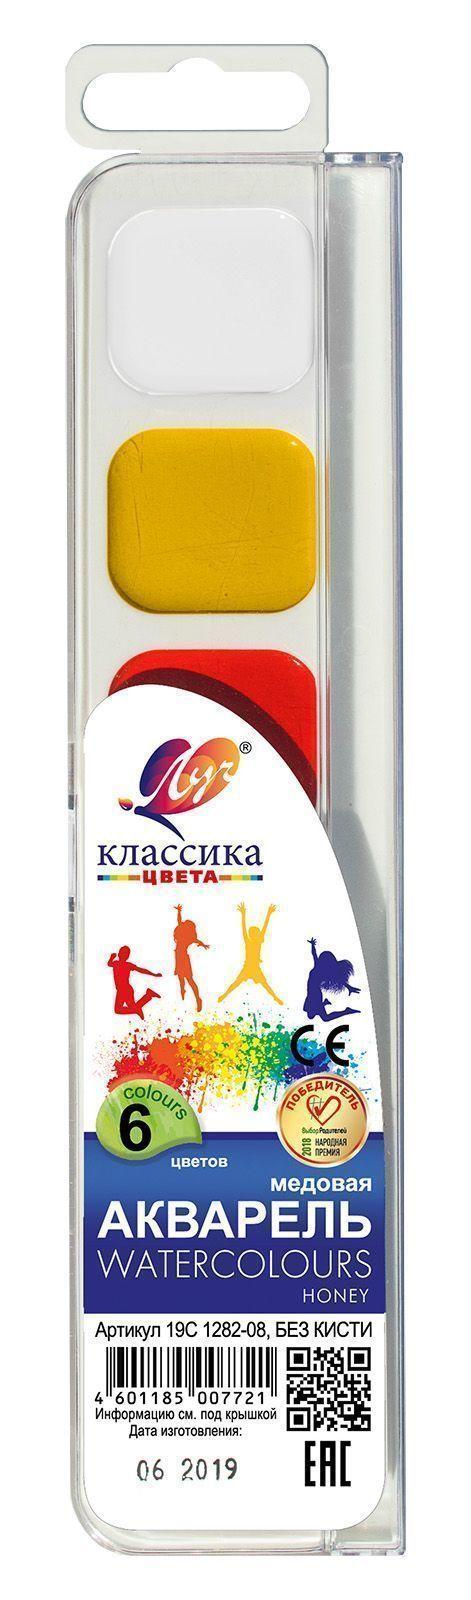 Акварель ЛУЧ КЛАССИКА 6 цветов, пластиковая упаковка, без кисти, европодвес